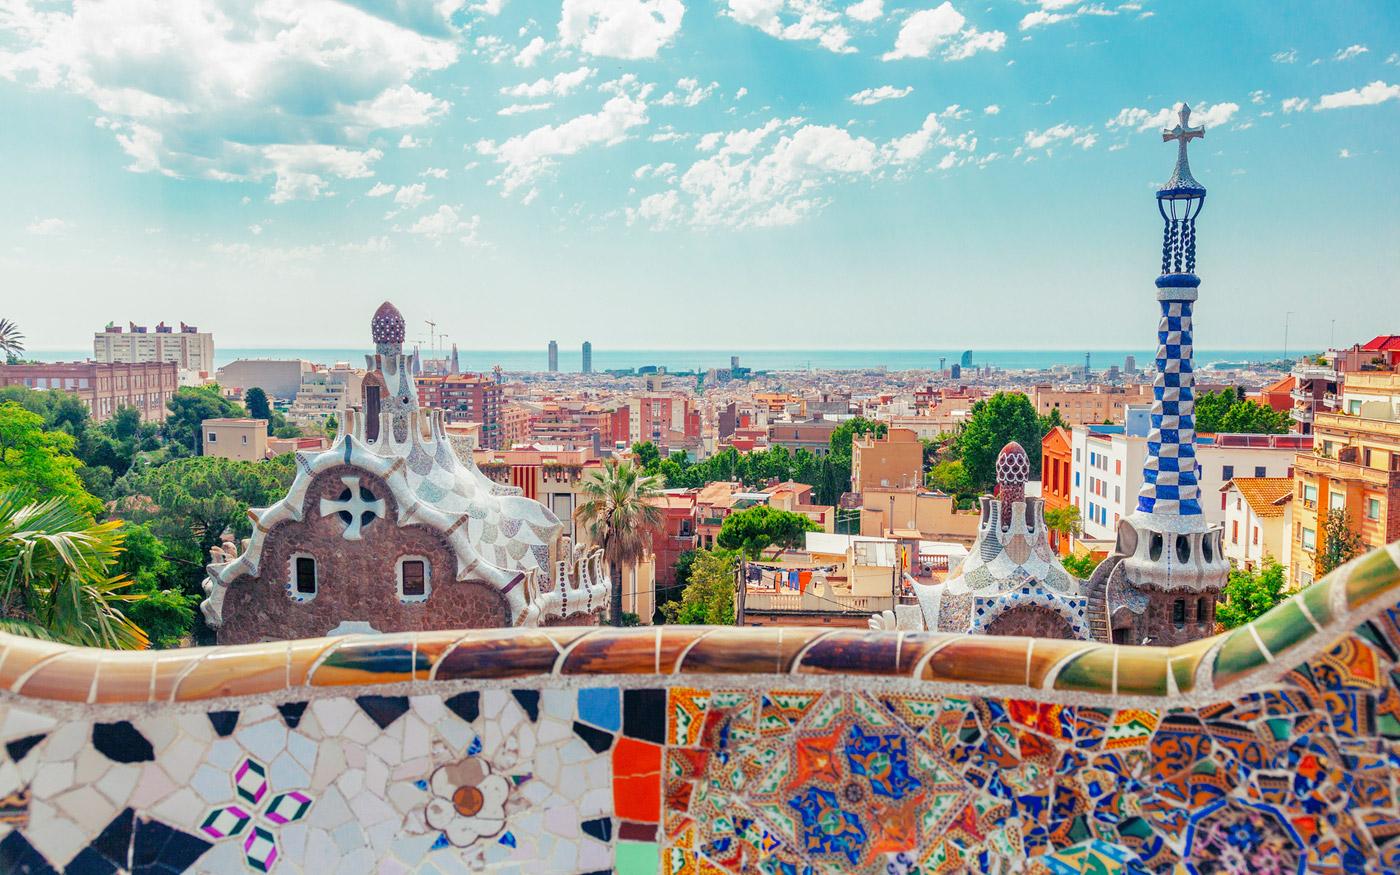 escapada-barata-a-barcelona:-fin-de-semana-por-menos-de-100e